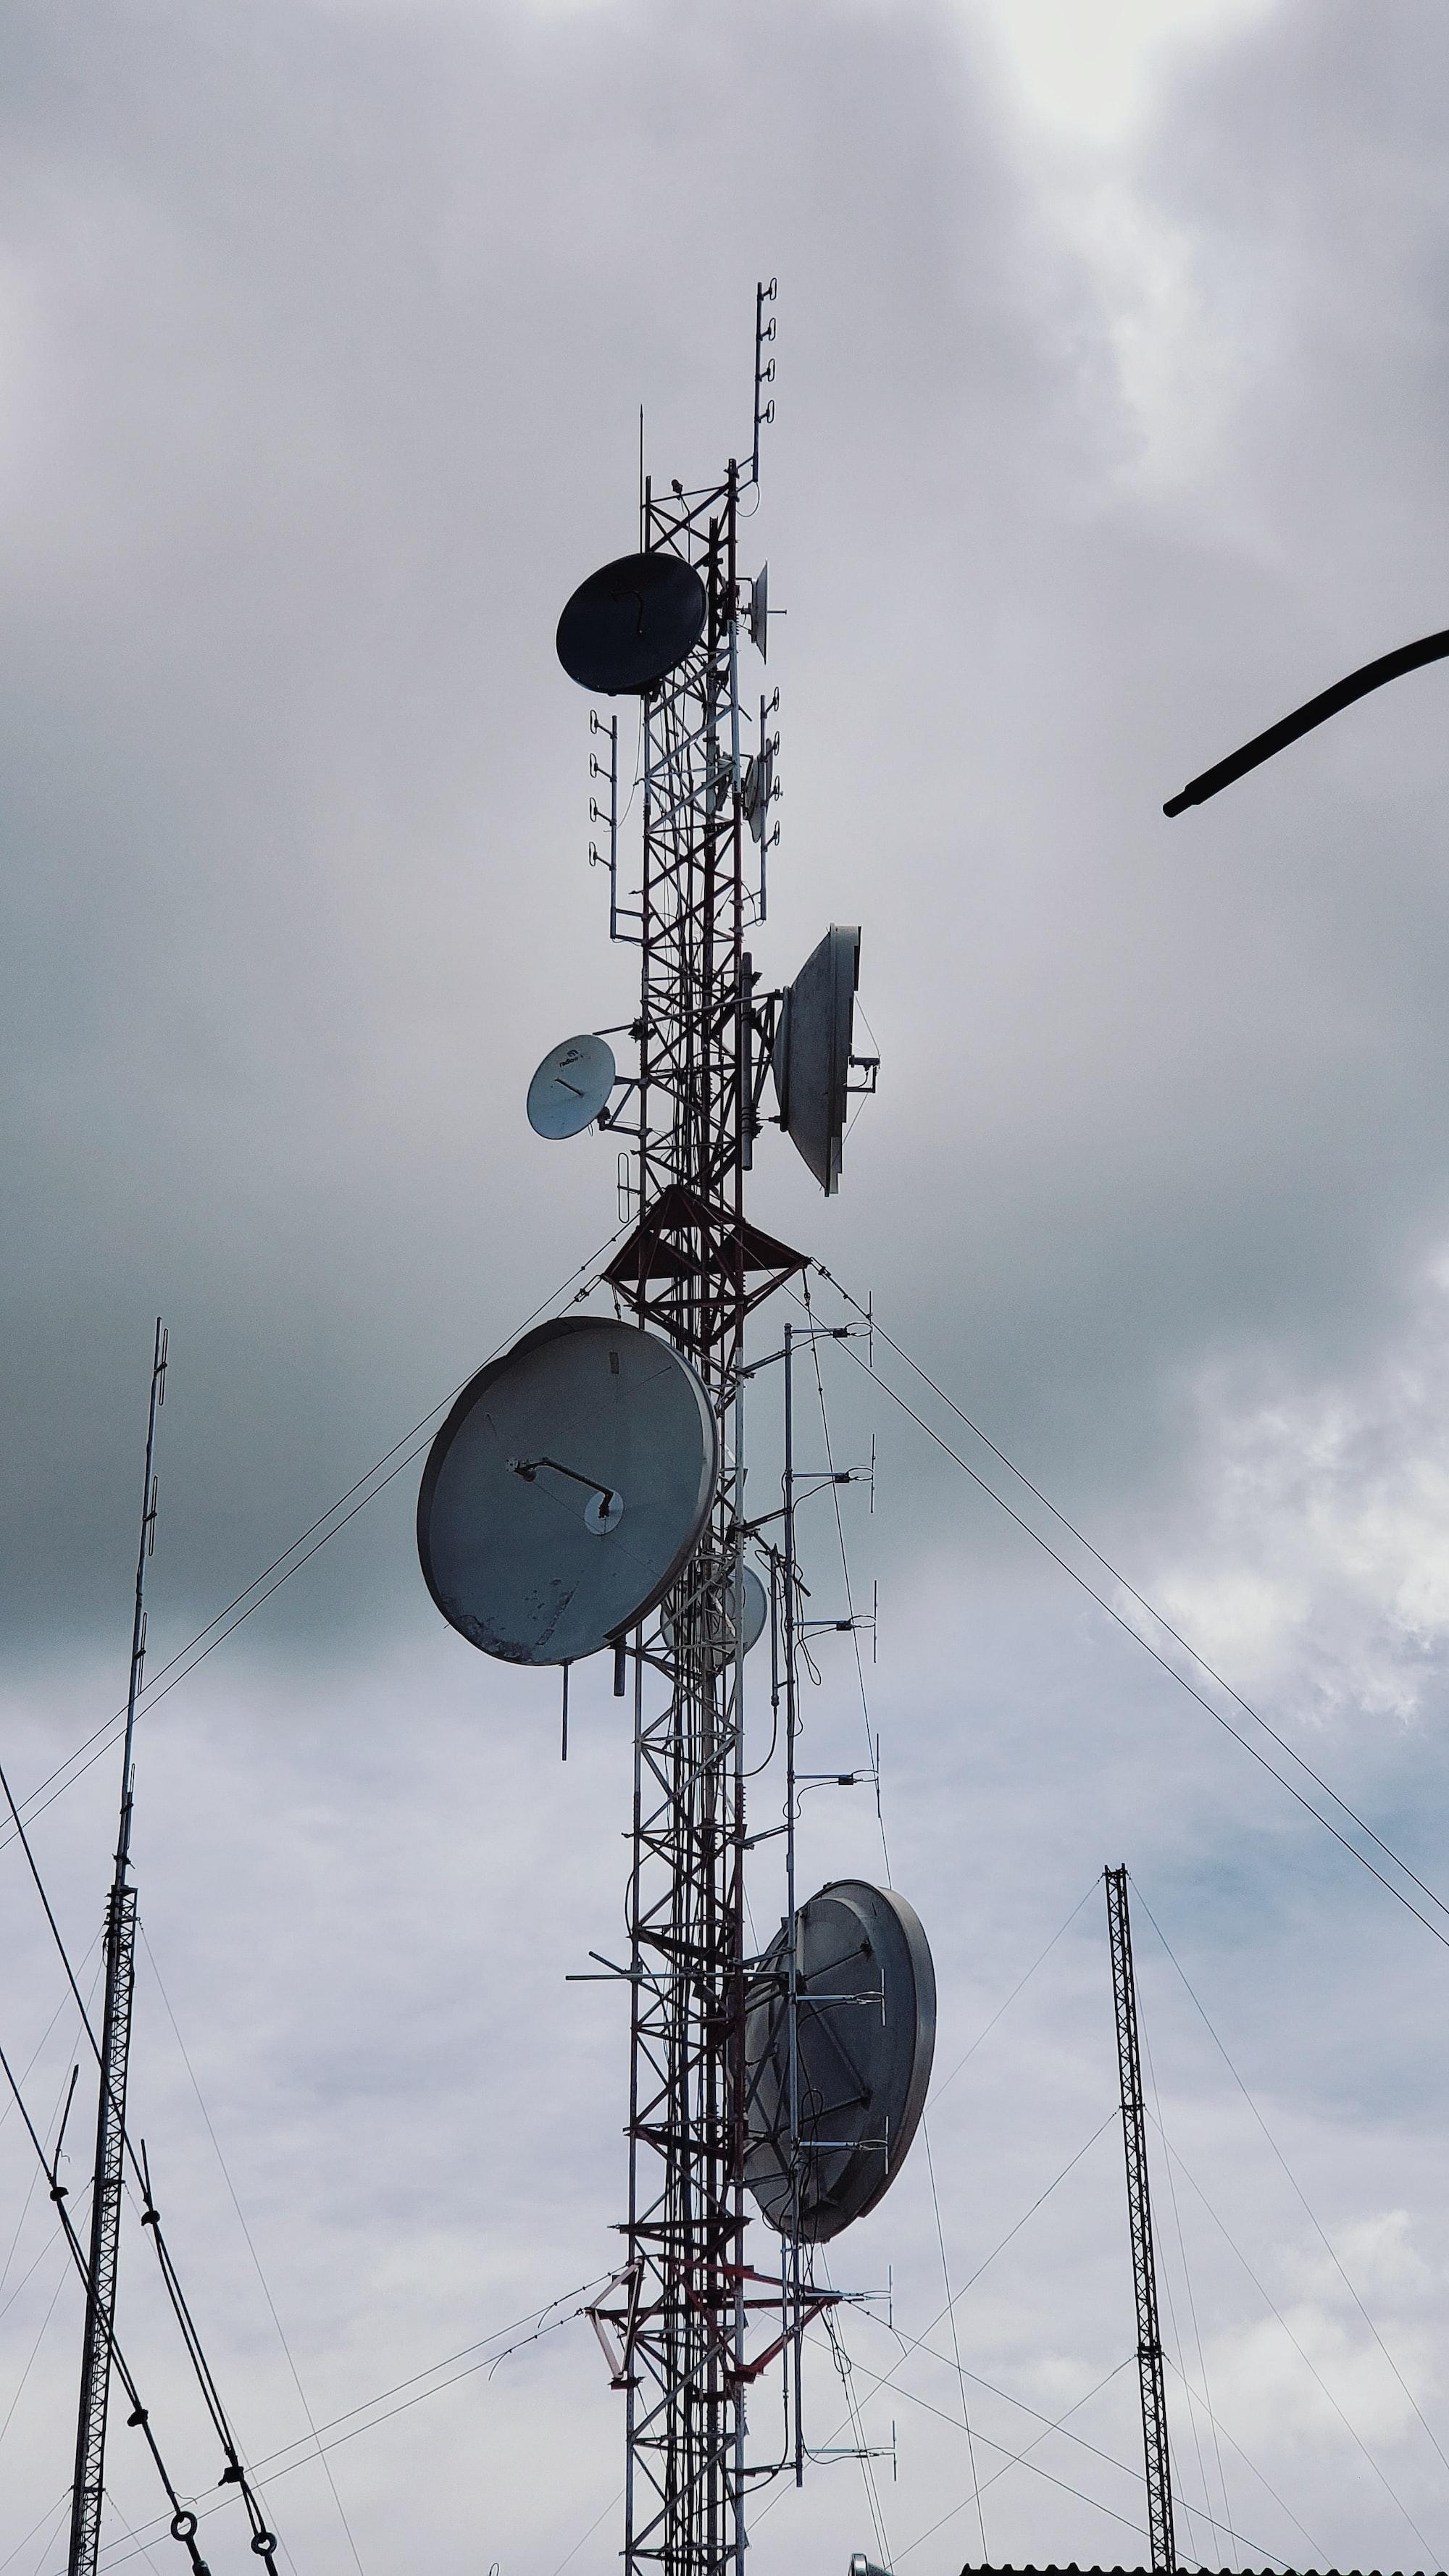 बड़ा निर्णय: भारत सरकार ने टेलीकॉम सेक्टर में 100 प्रतिशत FDI को मंजूरी दी